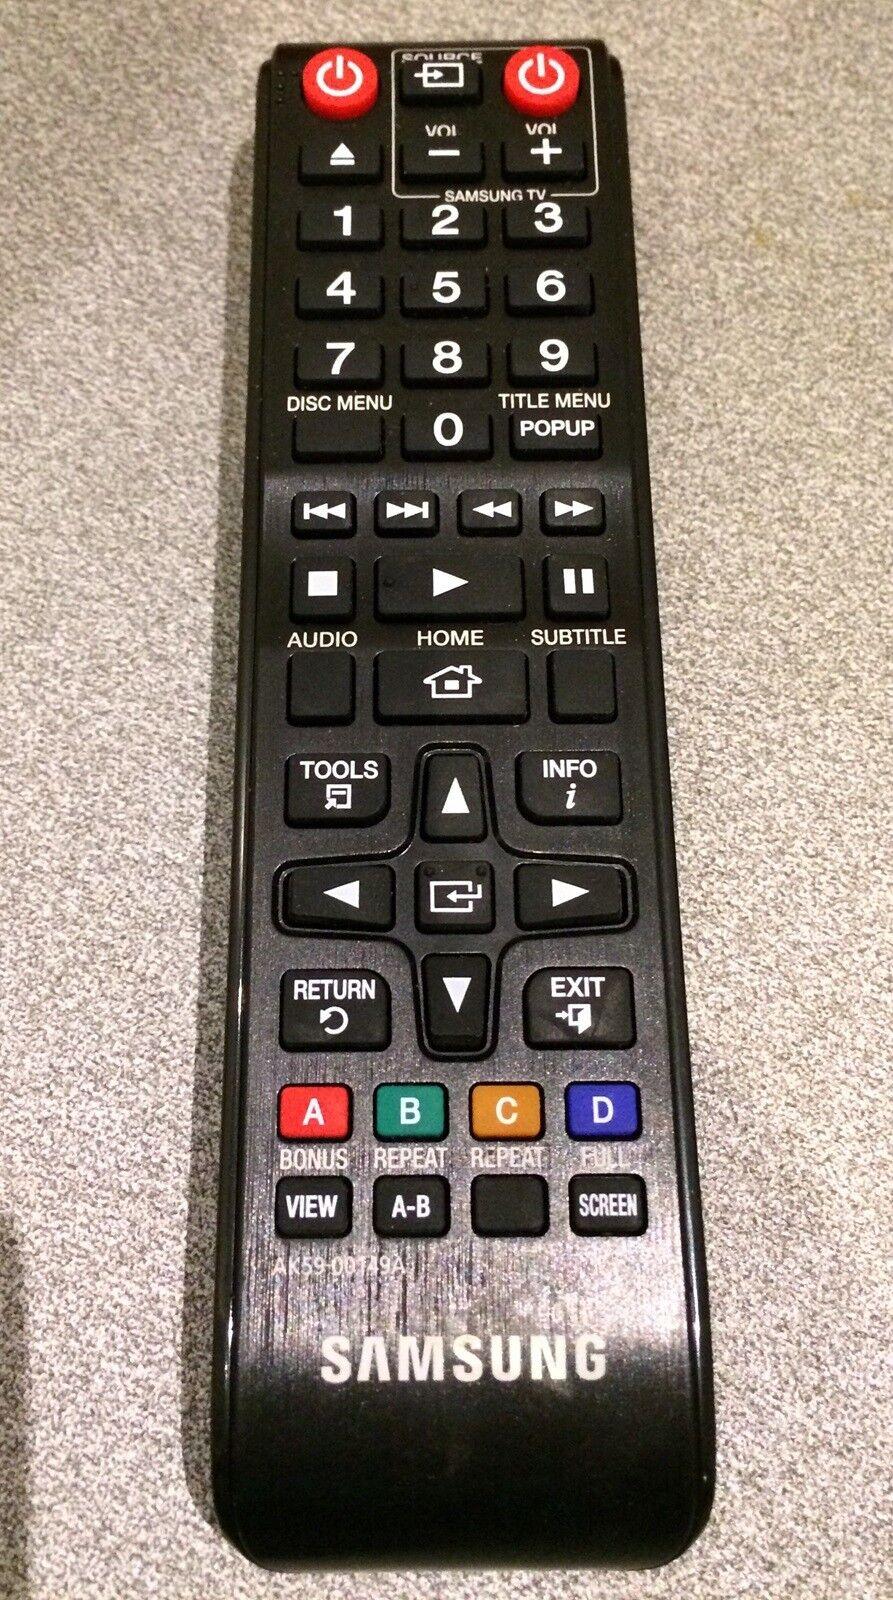 Samsung Tv Fjernbetjening | Fjernbetjening nyt, brugt og